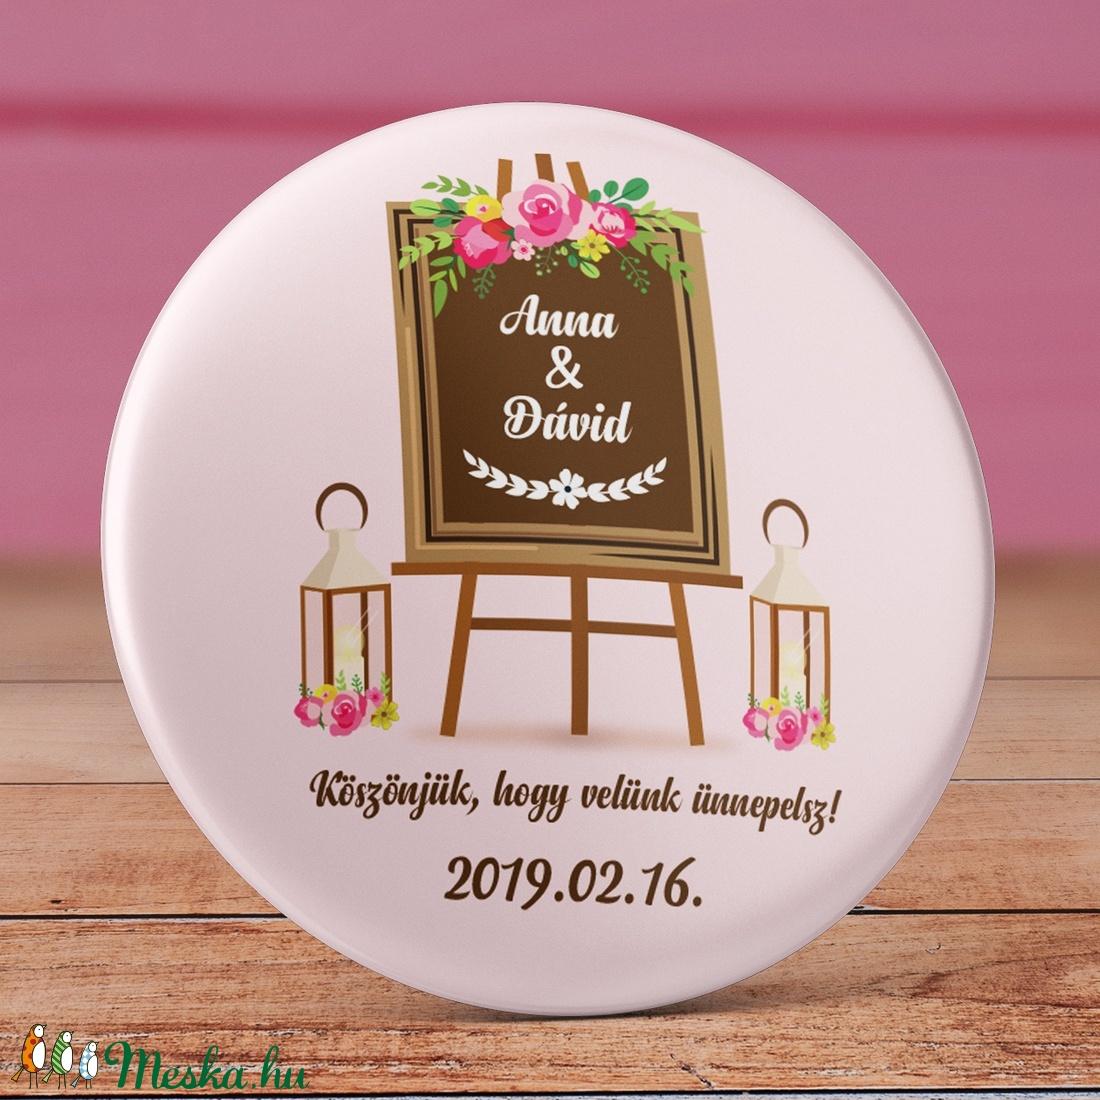 7fe3e93402 Esküvői köszönet ajándék hűtőmágnes - Esküvői köszönőajándék mágnes - vintage  esküvő - virág esküvő